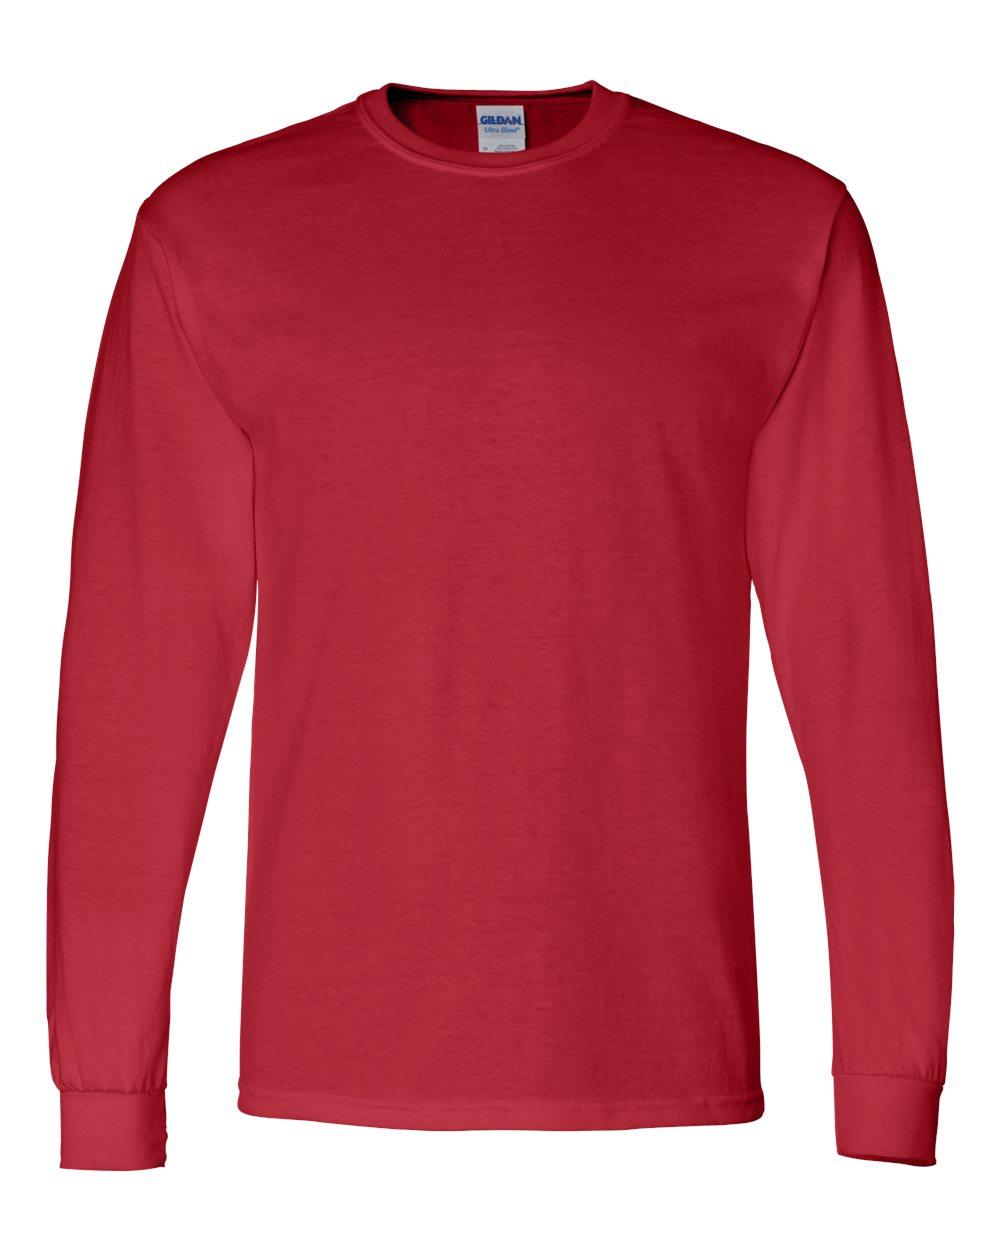 Gildan-Mens-Blank-DryBlend-50-50-Cotton-Long-Sleeve-T-Shirt-8400-up-to-3XL miniature 33